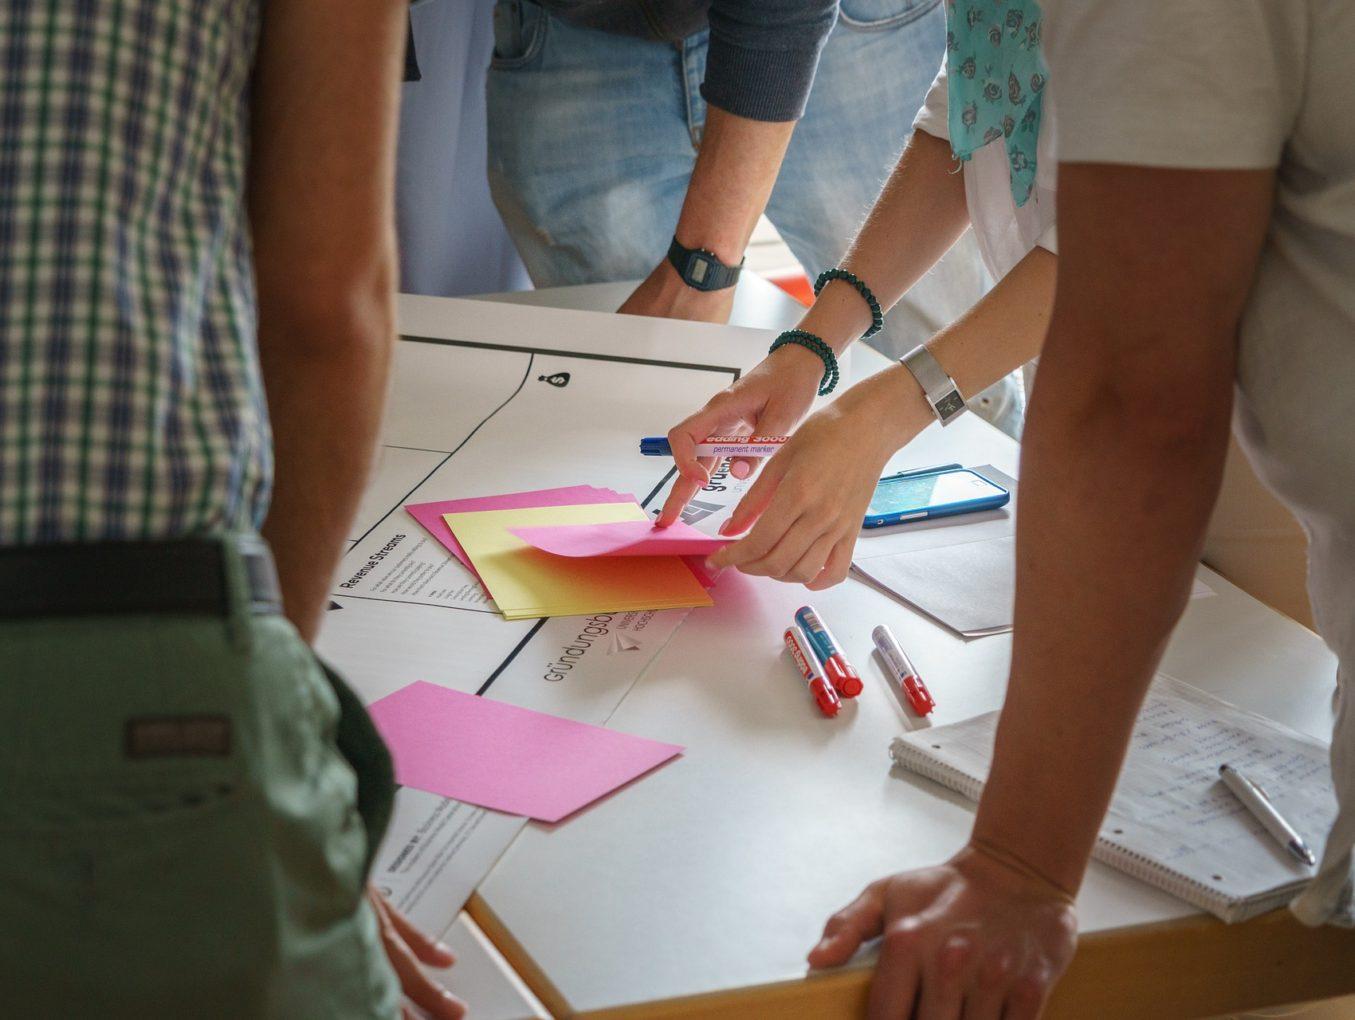 Kreative Workshops / Tagungen